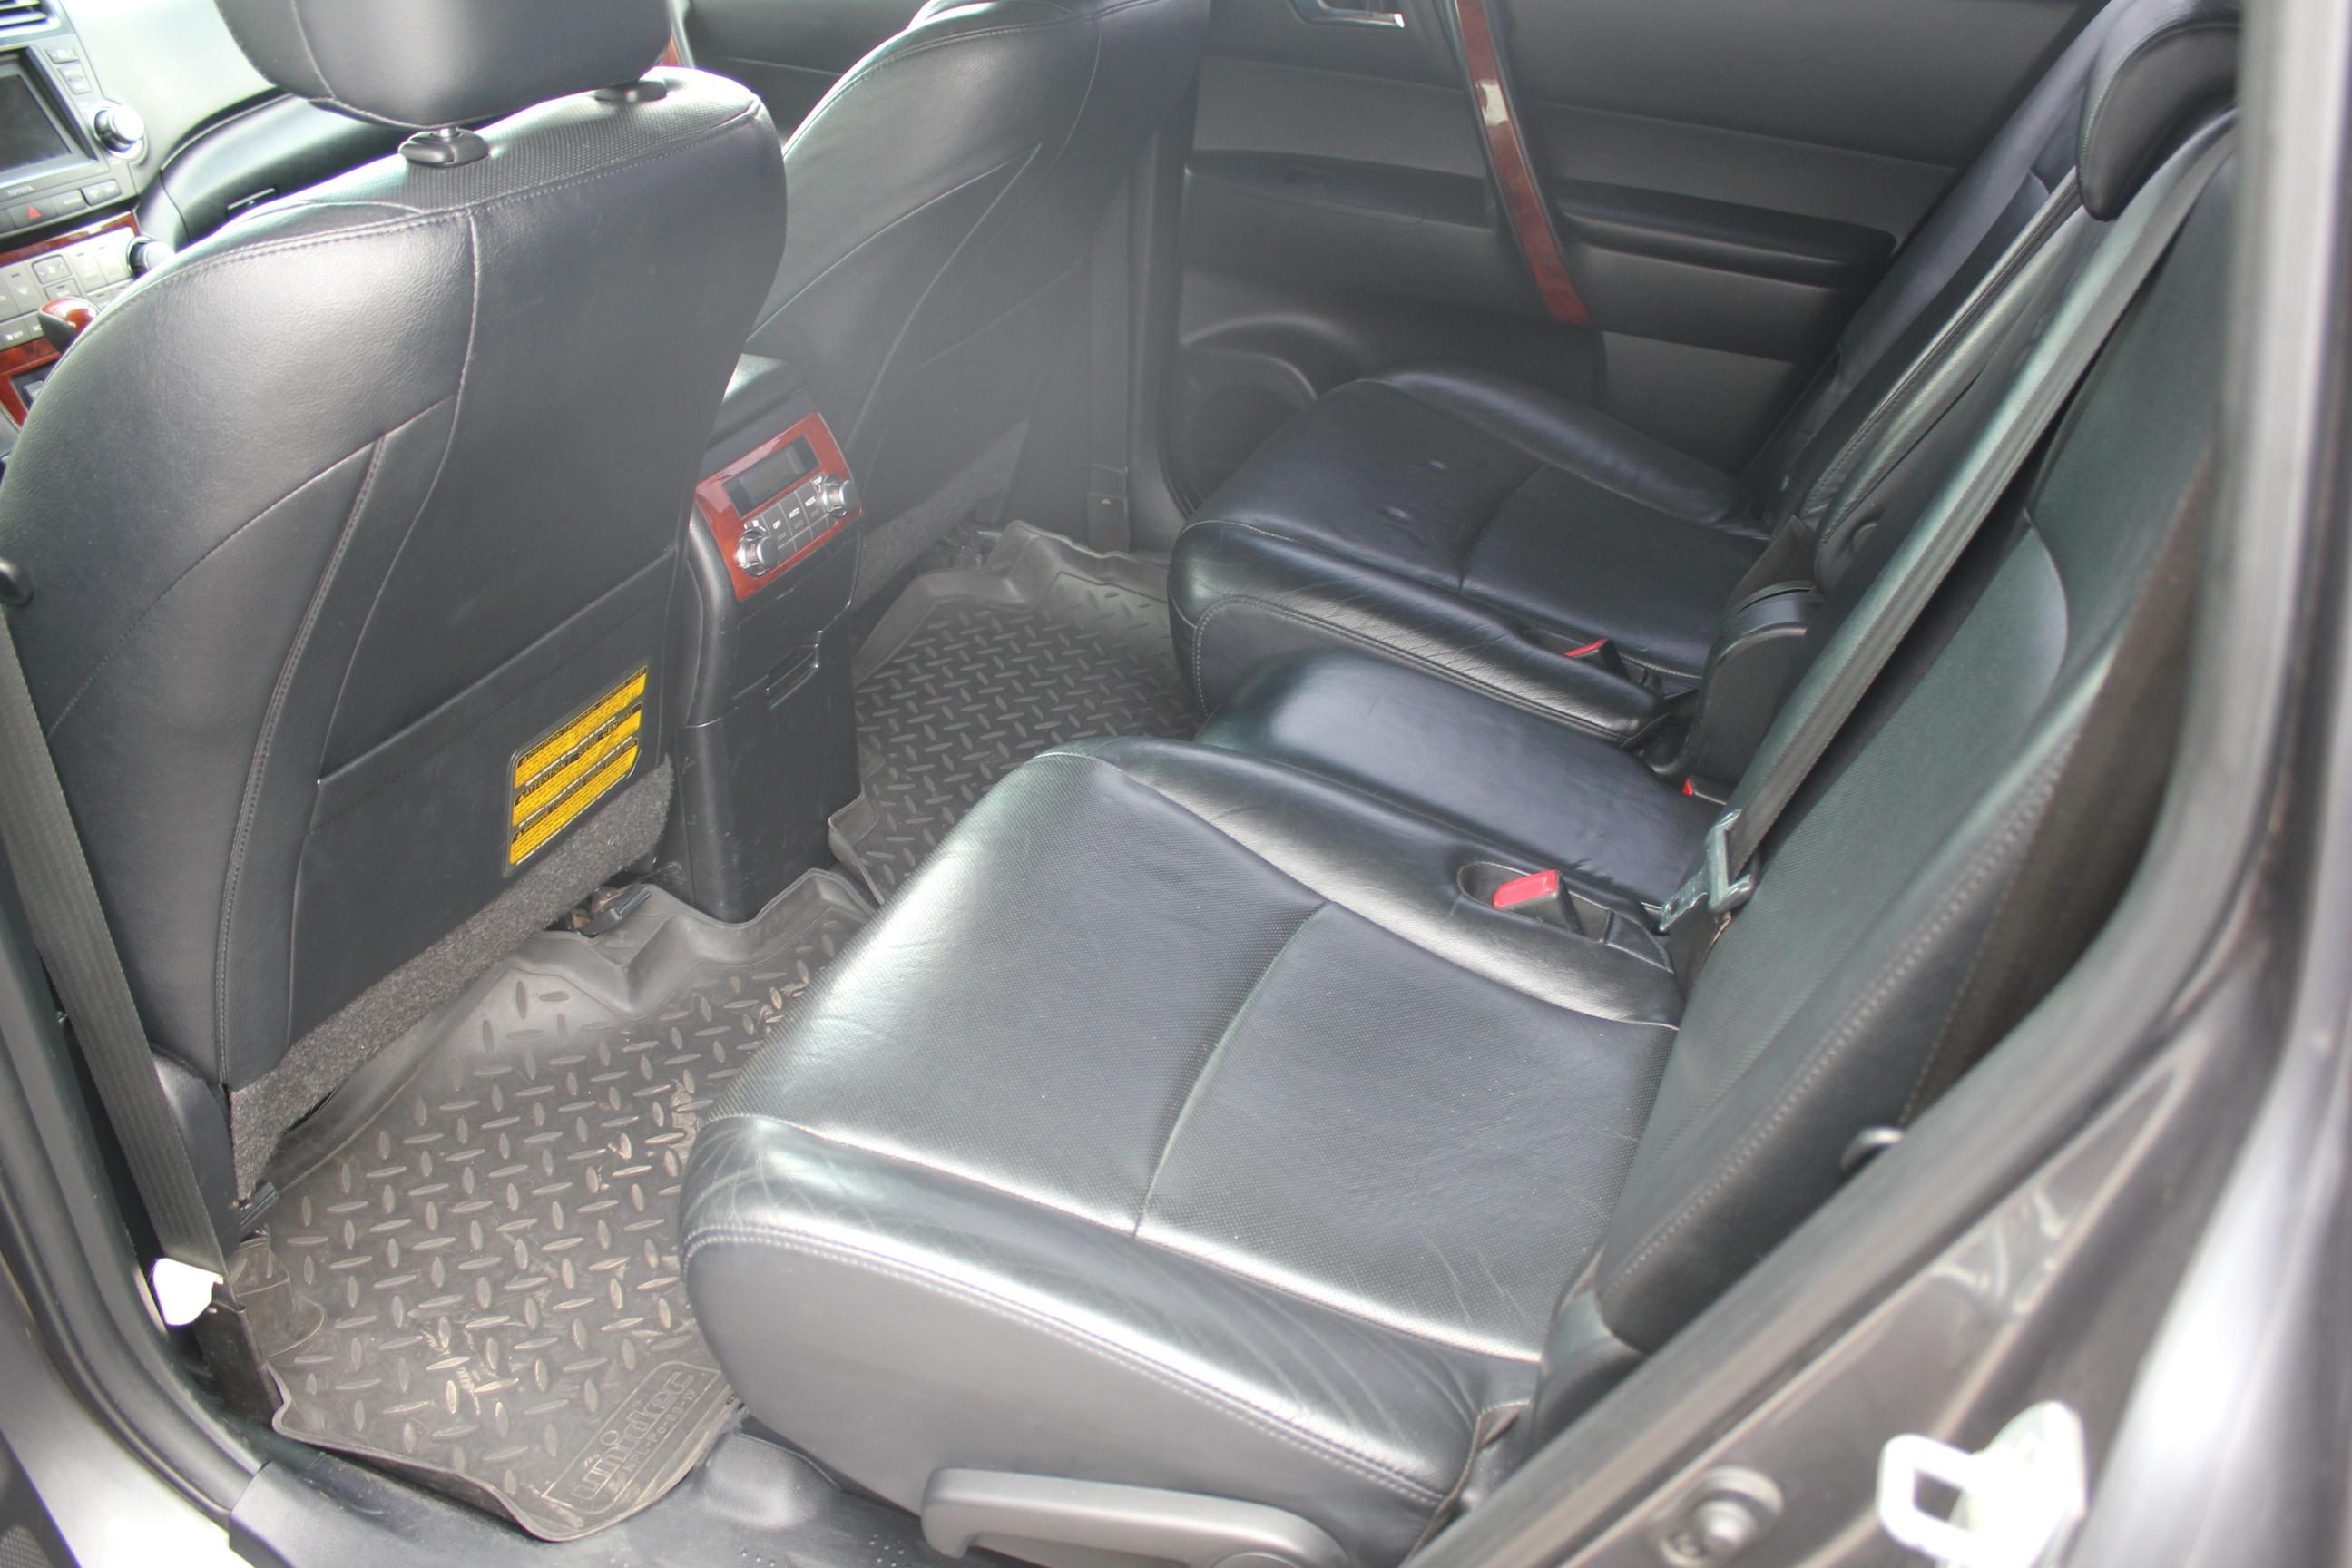 Toyota Highlander Внедорожник (2013г.)